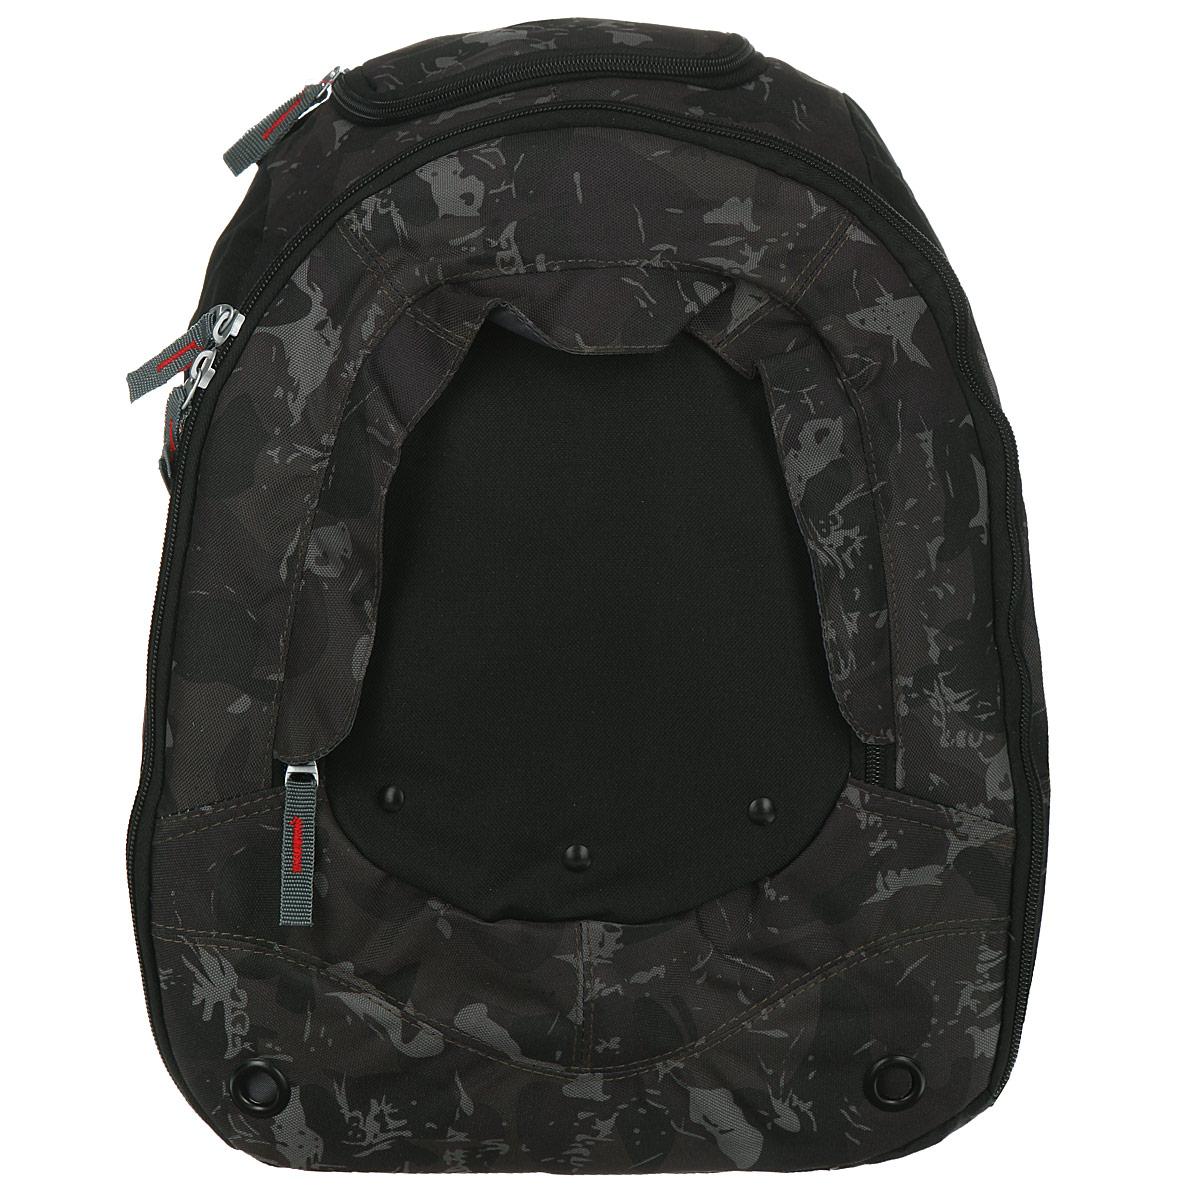 Рюкзак школьный Action, цвет: черный, хаки. AB11023AB11023Школьный рюкзак Action - это красивый и удобный рюкзак, который подойдет всем, кто хочет разнообразить свои школьные будни. Рюкзак выполнен из прочного материала в стиле милитари. Рюкзак оснащен одним вместительным отделением, застегивающимся на застежку-молнию. Основное отделение содержит два накладных кармана. На внешней стороне расположен карман на застежке-молнии. Сверху рюкзака имеется небольшой карман, который отлично подойдет для разных мелочей.Рюкзак имеет мягкую спинку и оснащен мягкими плечевыми лямками с возможностью регулирования.